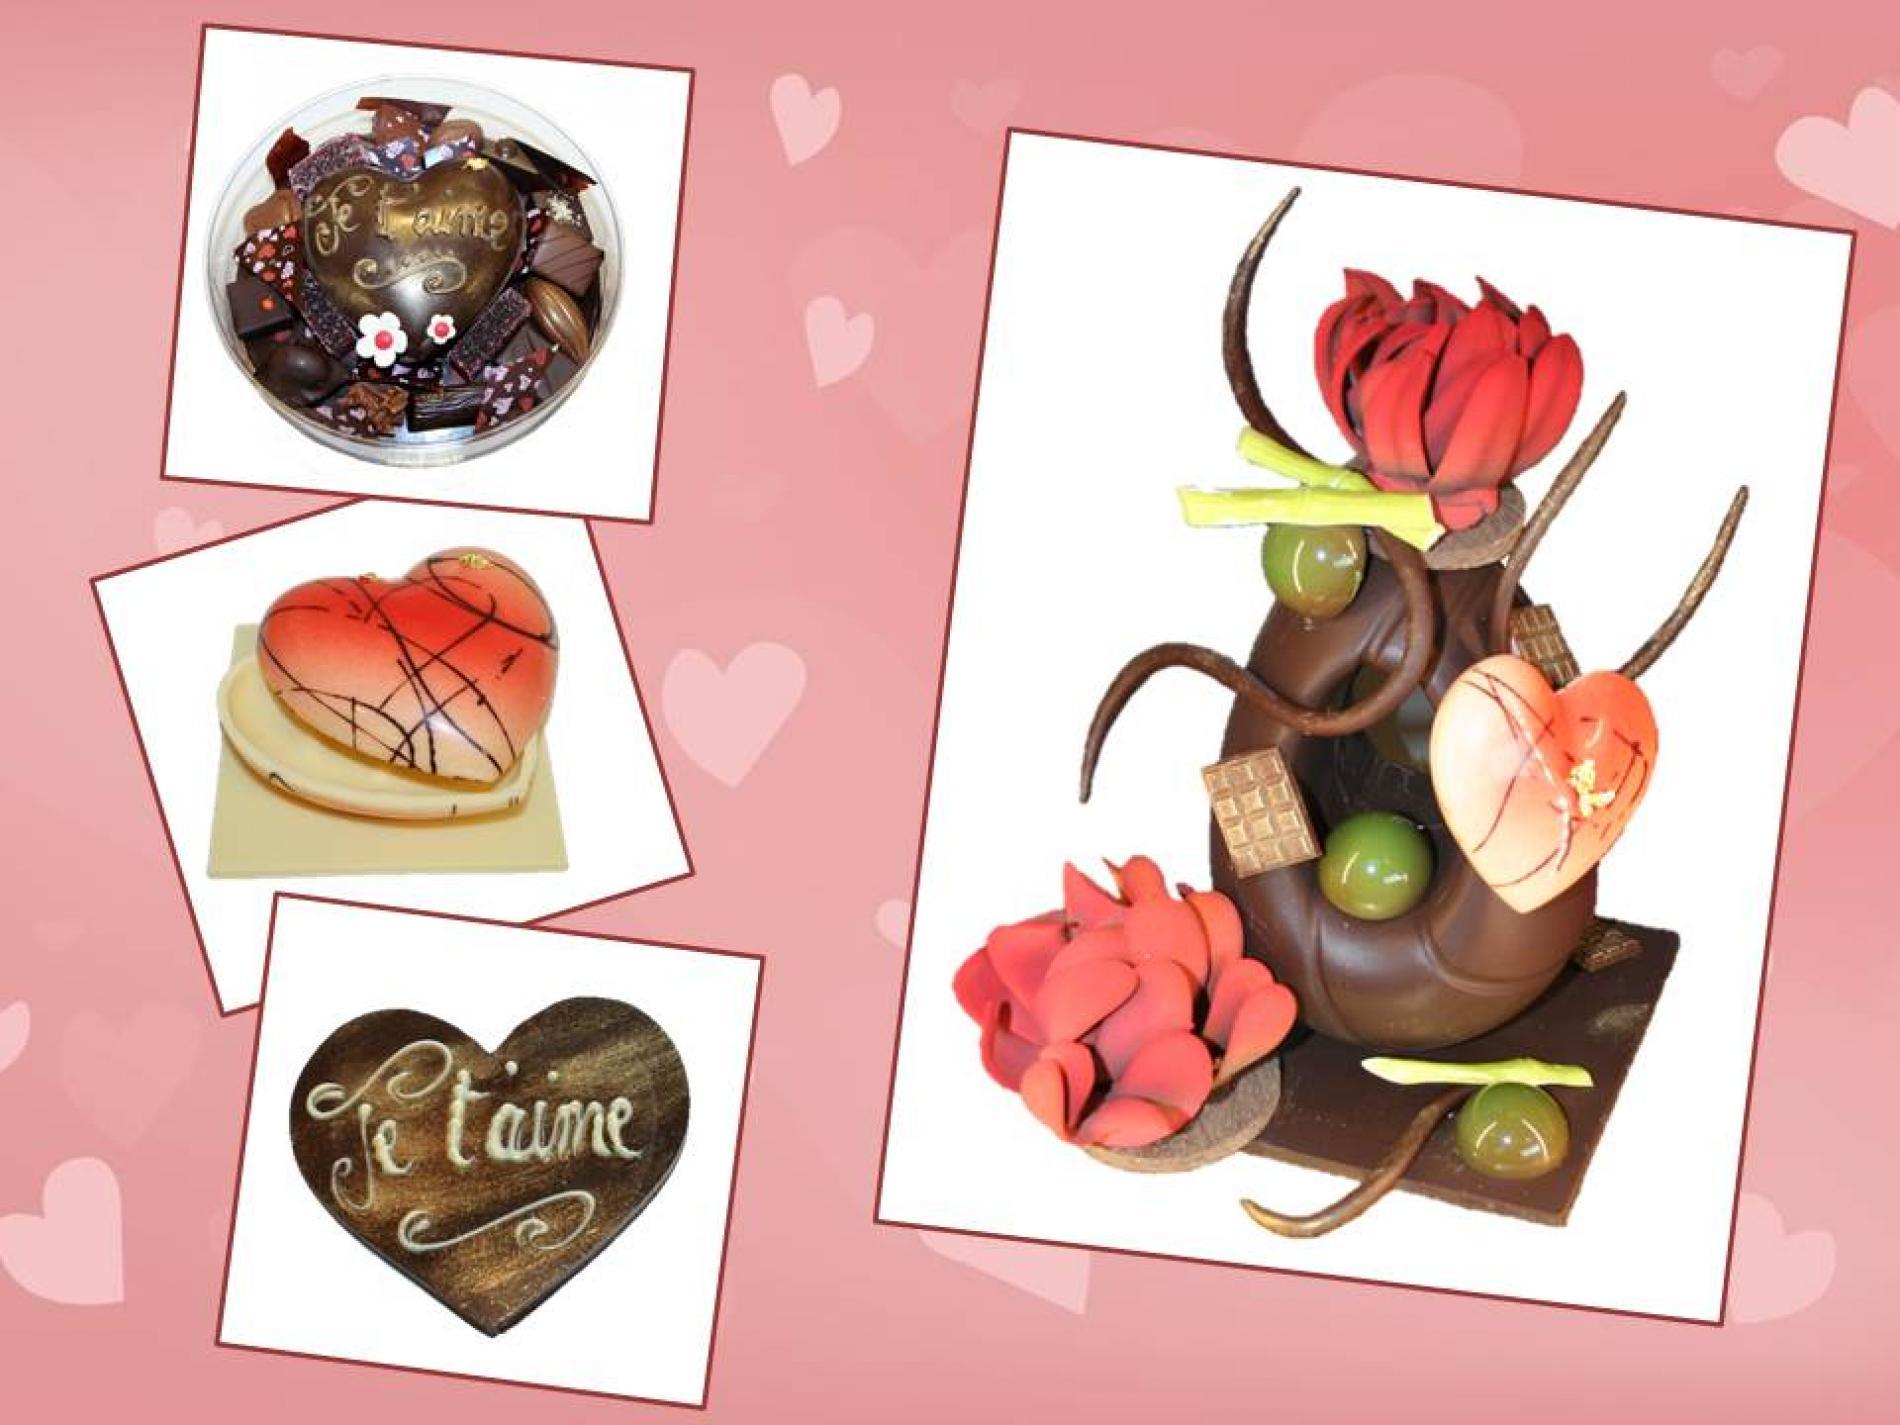 Faites vous plaisir pour la Saint Valentin avec nos délicieux chocolats. Et pour impressionner votre amoureux(se), offrez-lui une jolie pièce en chocolat très gourmande !